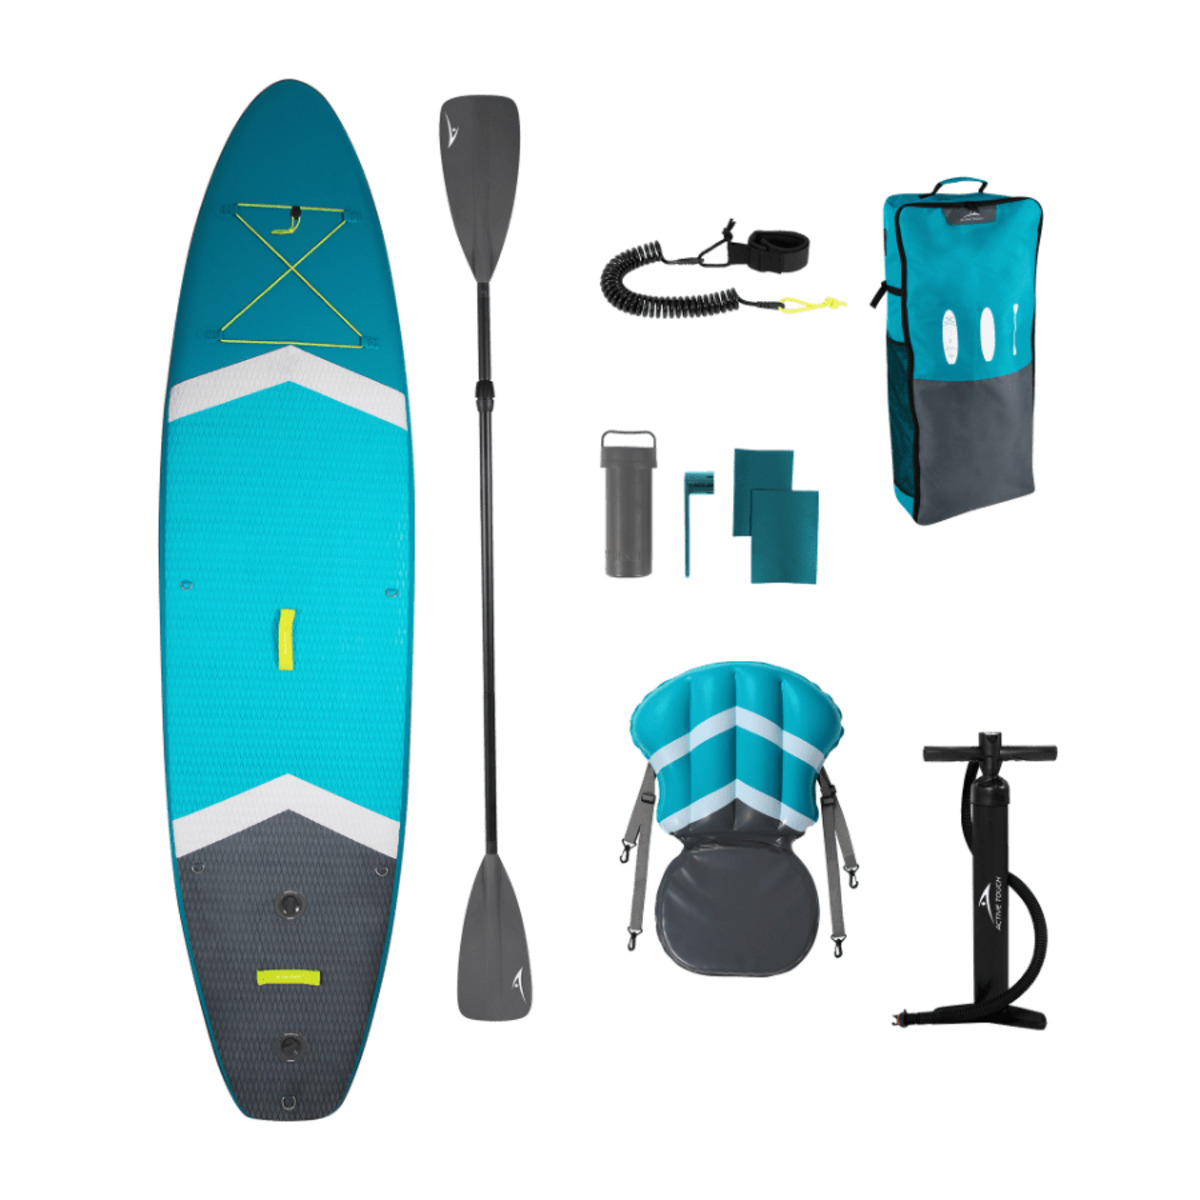 Bild 1 von ACTIVE TOUCH     Stand-up-Paddleboard-Set